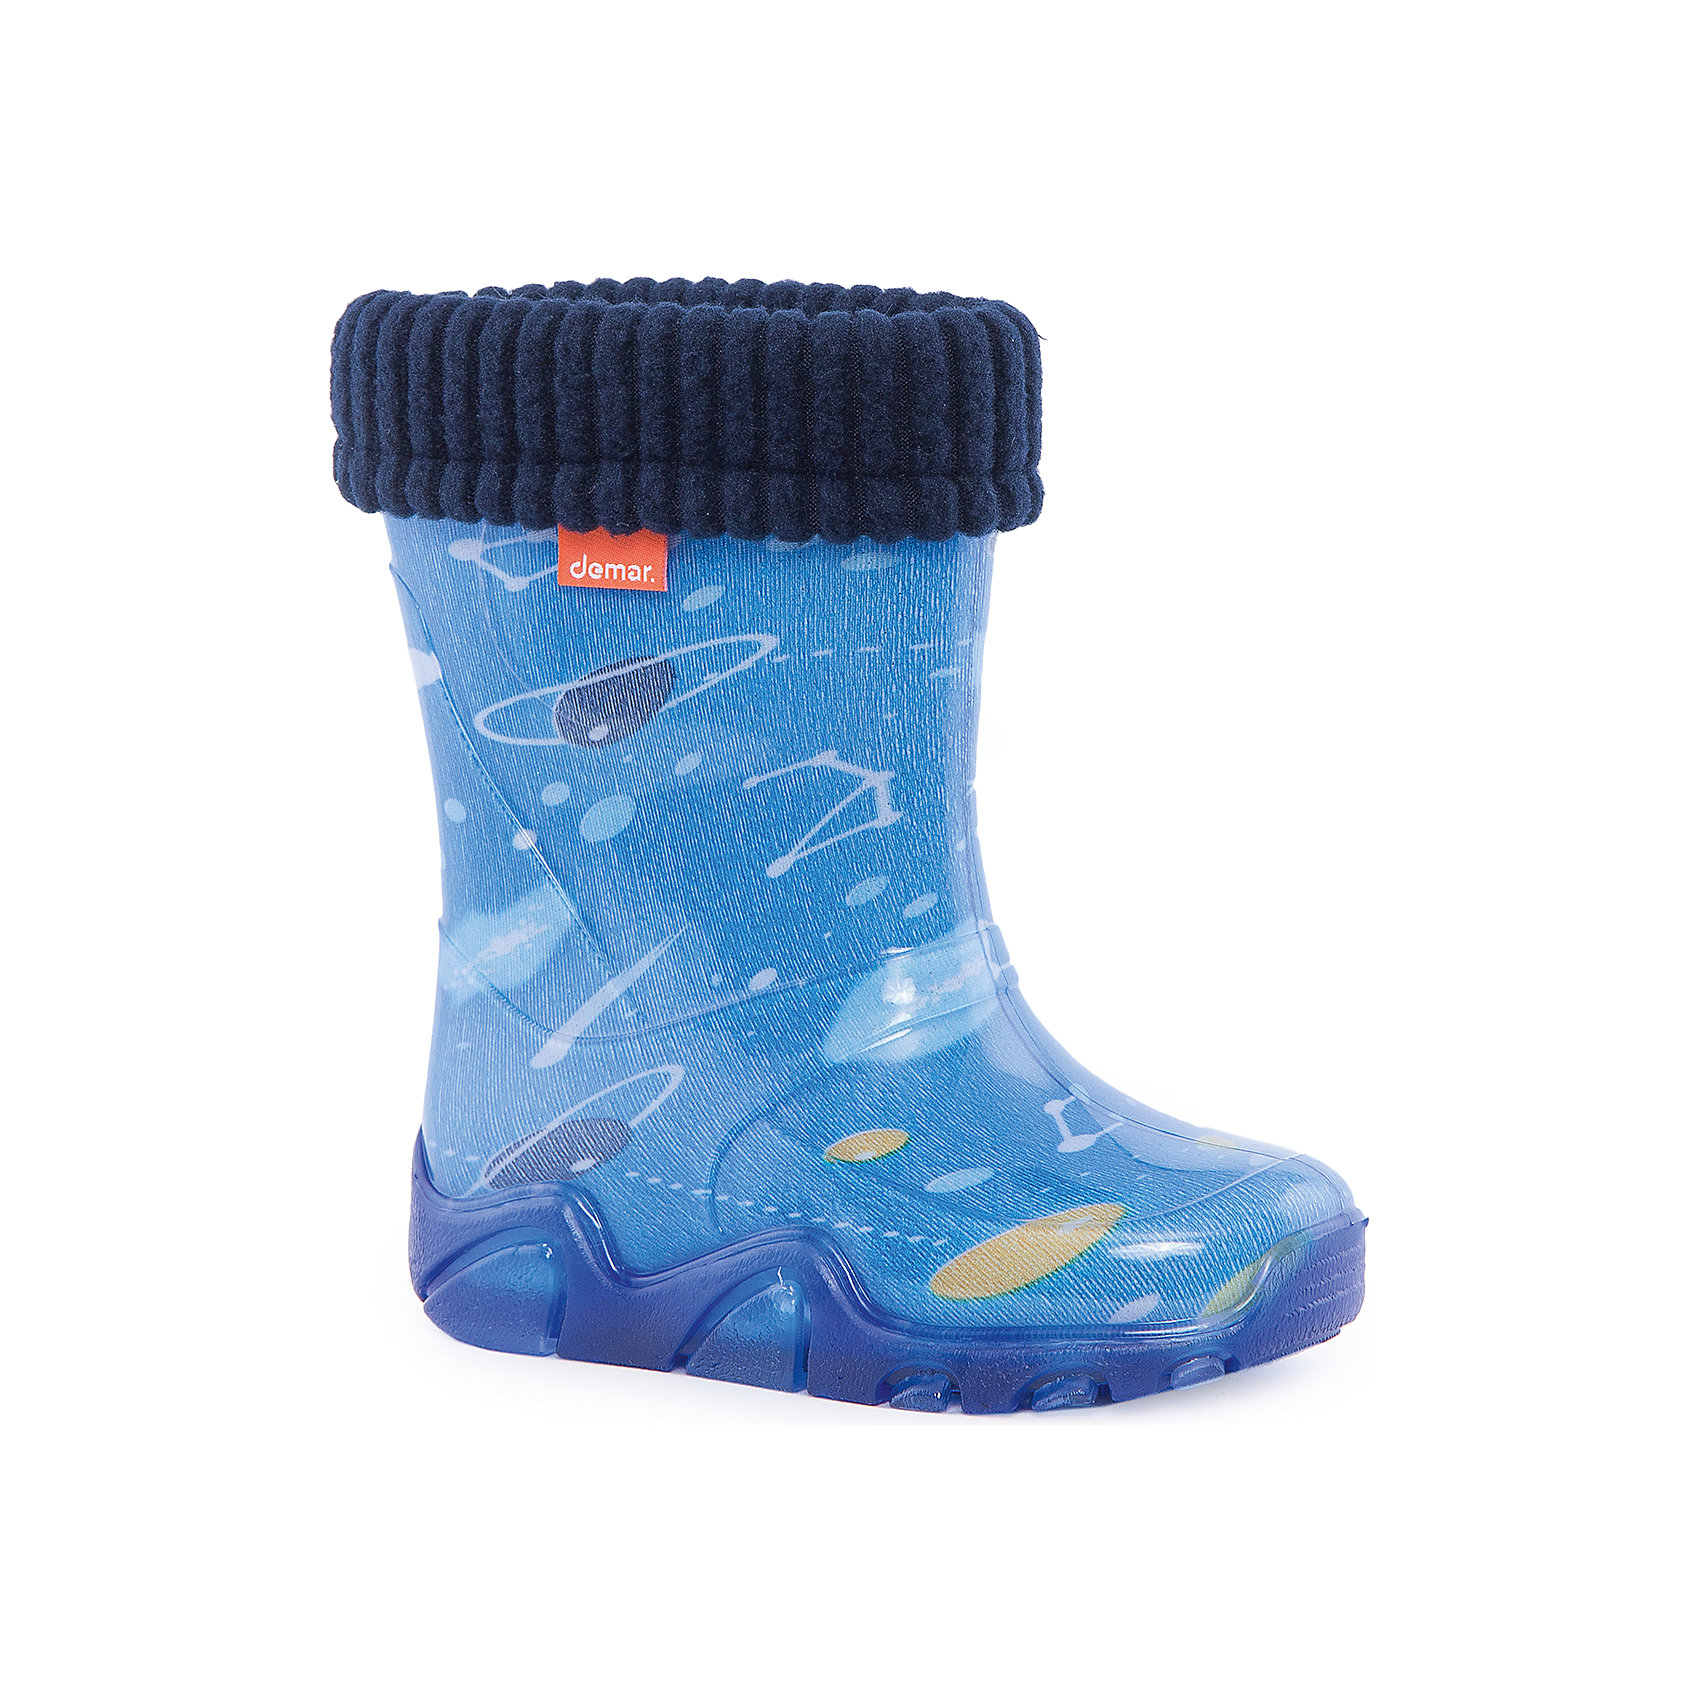 Резиновые сапоги Stormer Lux Print Космос DEMARРезиновые сапоги<br>Характеристики товара:<br><br>• цвет: голубой<br>• материал верха: ПВХ<br>• материал подкладки: текстиль <br>• материал подошвы: ПВХ<br>• температурный режим: от 0° до +15° С<br>• верх не продувается<br>• съемный чулок<br>• стильный дизайн<br>• страна бренда: Польша<br>• страна изготовитель: Польша<br><br>Осенью и весной ребенку не обойтись без непромокаемых сапожек! Чтобы не пропустить главные удовольствия межсезонья, нужно запастись удобной обувью. Такие сапожки обеспечат ребенку необходимый для активного отдыха комфорт, а подкладка из текстиля позволит ножкам оставаться теплыми. Сапожки легко надеваются и снимаются, отлично сидят на ноге. Они удивительно легкие!<br>Обувь от польского бренда Demar - это качественные товары, созданные с применением новейших технологий и с использованием как натуральных, так и высокотехнологичных материалов. Обувь отличается стильным дизайном и продуманной конструкцией. Изделие производится из качественных и проверенных материалов, которые безопасны для детей.<br><br>Сапожки от бренда Demar (Демар) можно купить в нашем интернет-магазине.<br><br>Ширина мм: 237<br>Глубина мм: 180<br>Высота мм: 152<br>Вес г: 438<br>Цвет: разноцветный<br>Возраст от месяцев: 21<br>Возраст до месяцев: 24<br>Пол: Мужской<br>Возраст: Детский<br>Размер: 24/25,26/27,22/23<br>SKU: 4576087